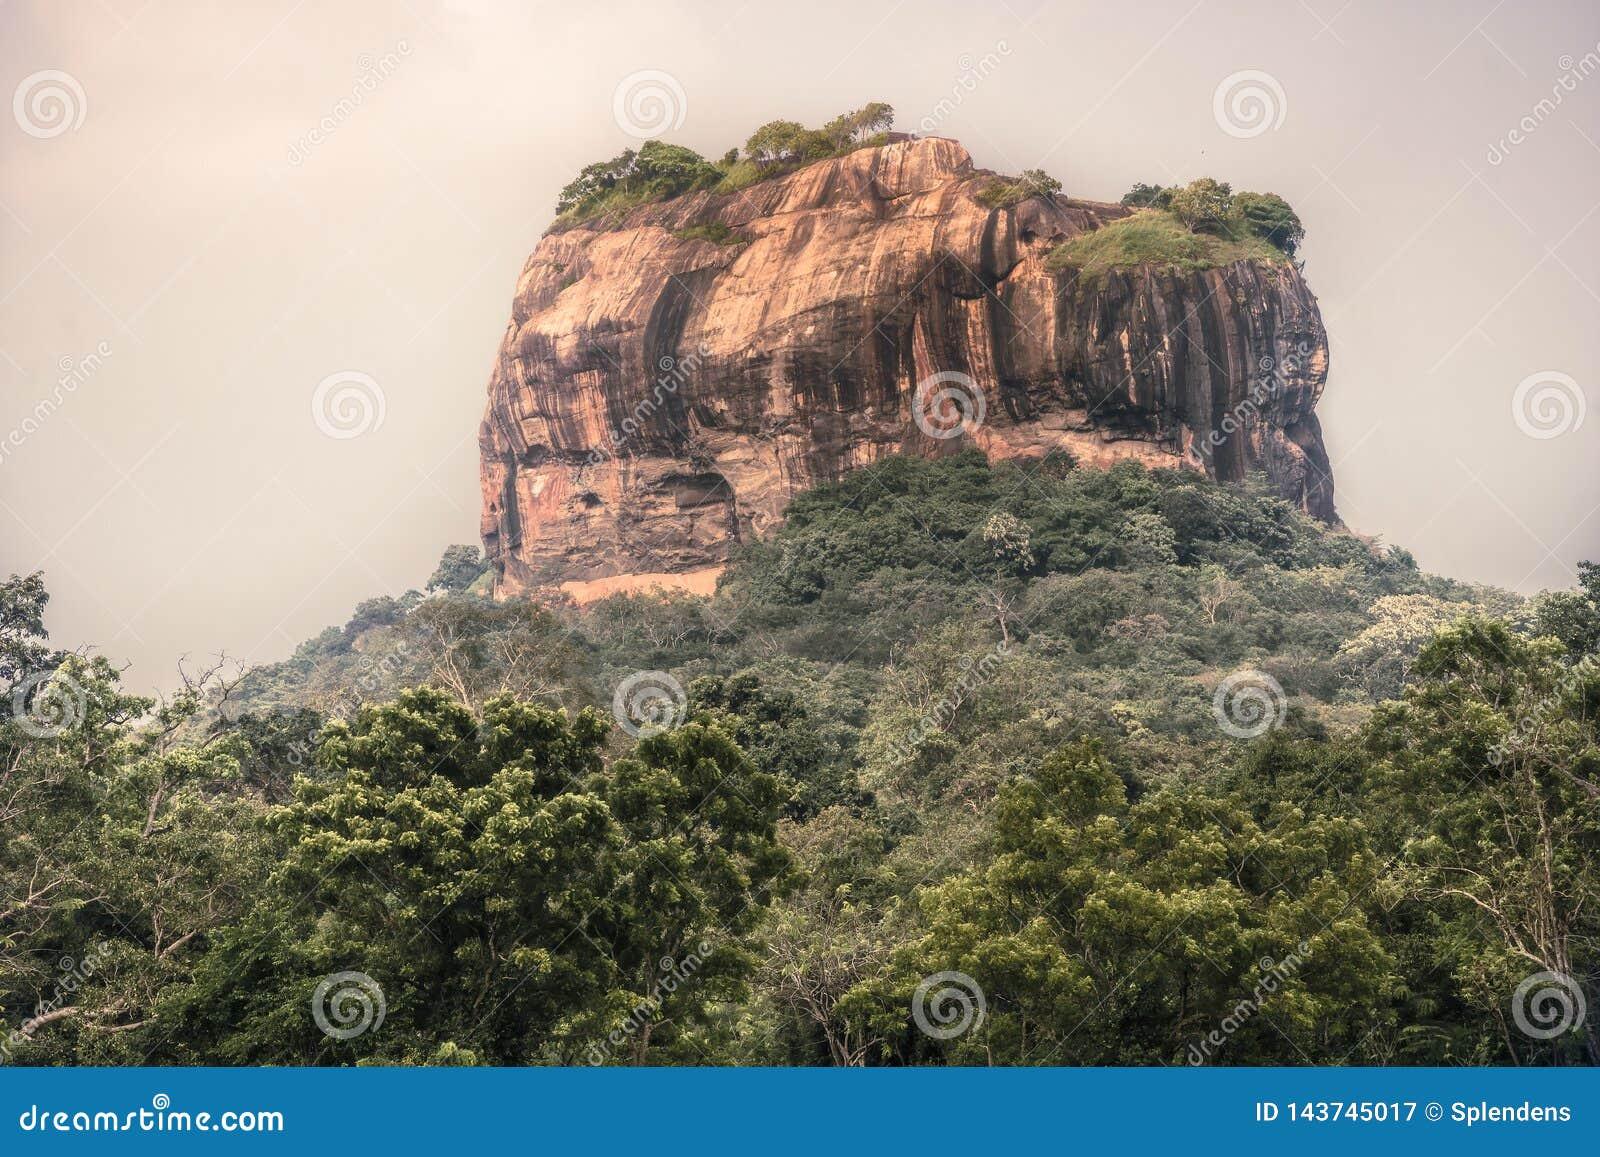 Paisaje del viaje de Sri Lanka de la se?al Sri Lanka de la UNESCO de la monta?a de la roca del le?n de Sigiriya